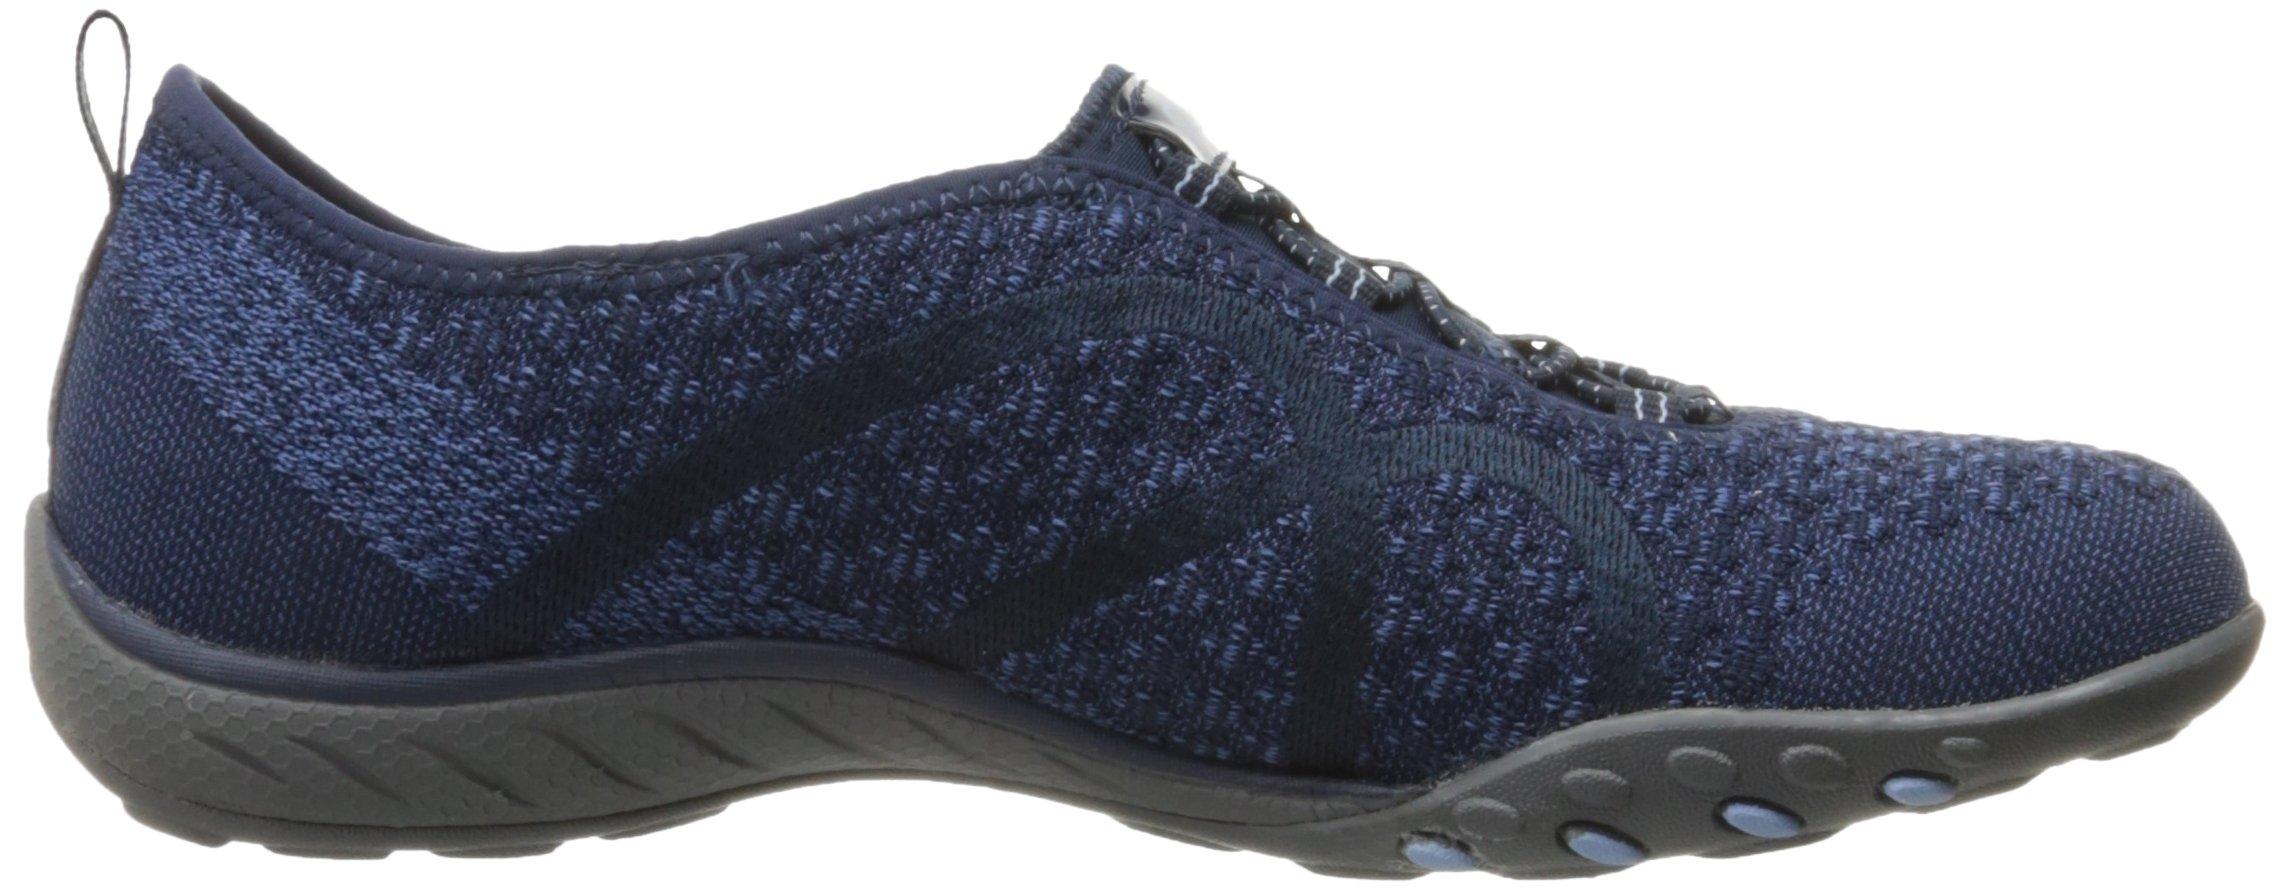 Skechers Sport Women's Breathe Easy Fortune Fashion Sneaker,Navy Knit,5.5 M US by Skechers (Image #7)